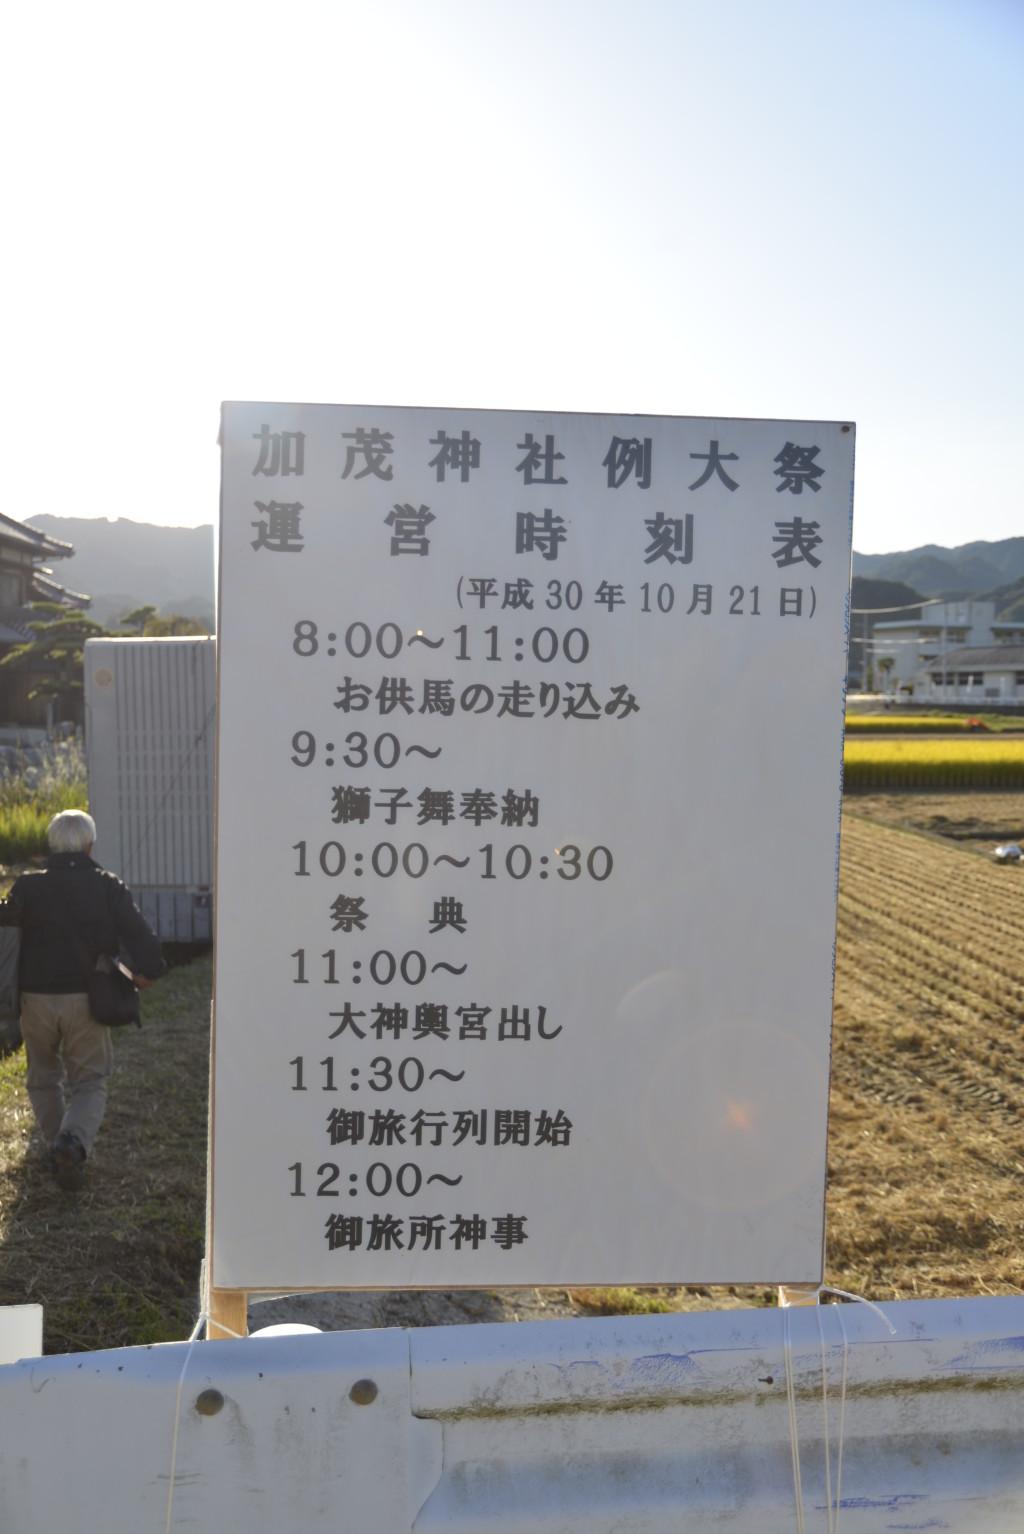 賀茂神社例大祭 時刻表